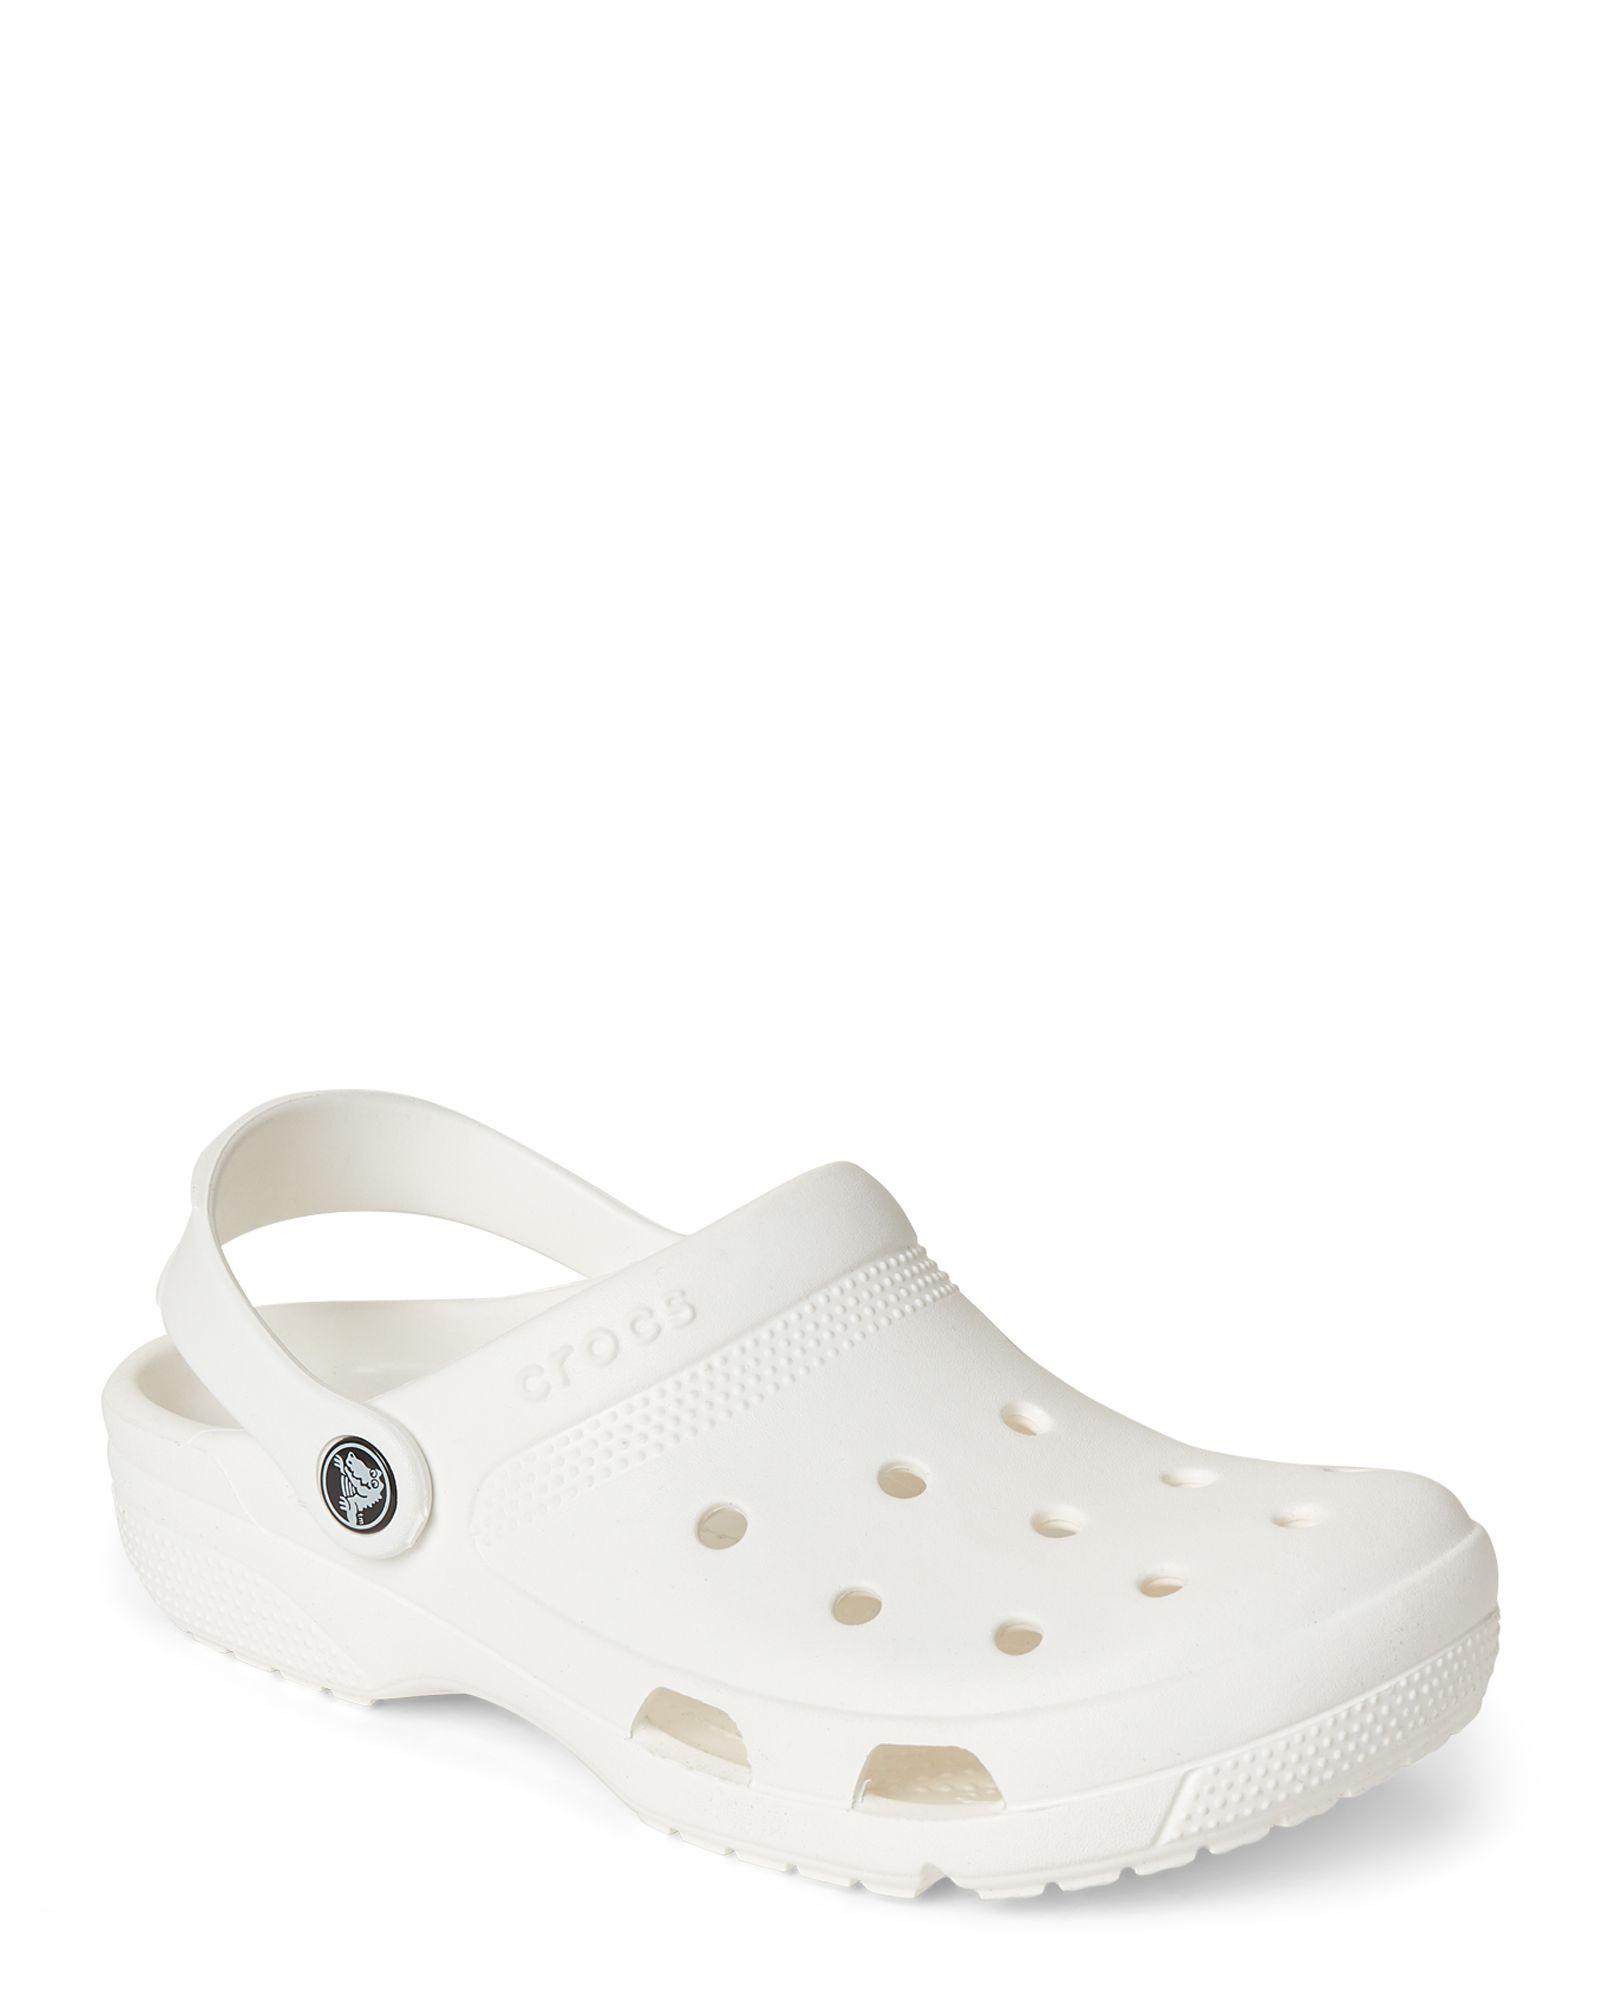 23d8d1243d6cc Crocs White Coast Clogs | *Apparel & Accessories* in 2019 | Shoes ...